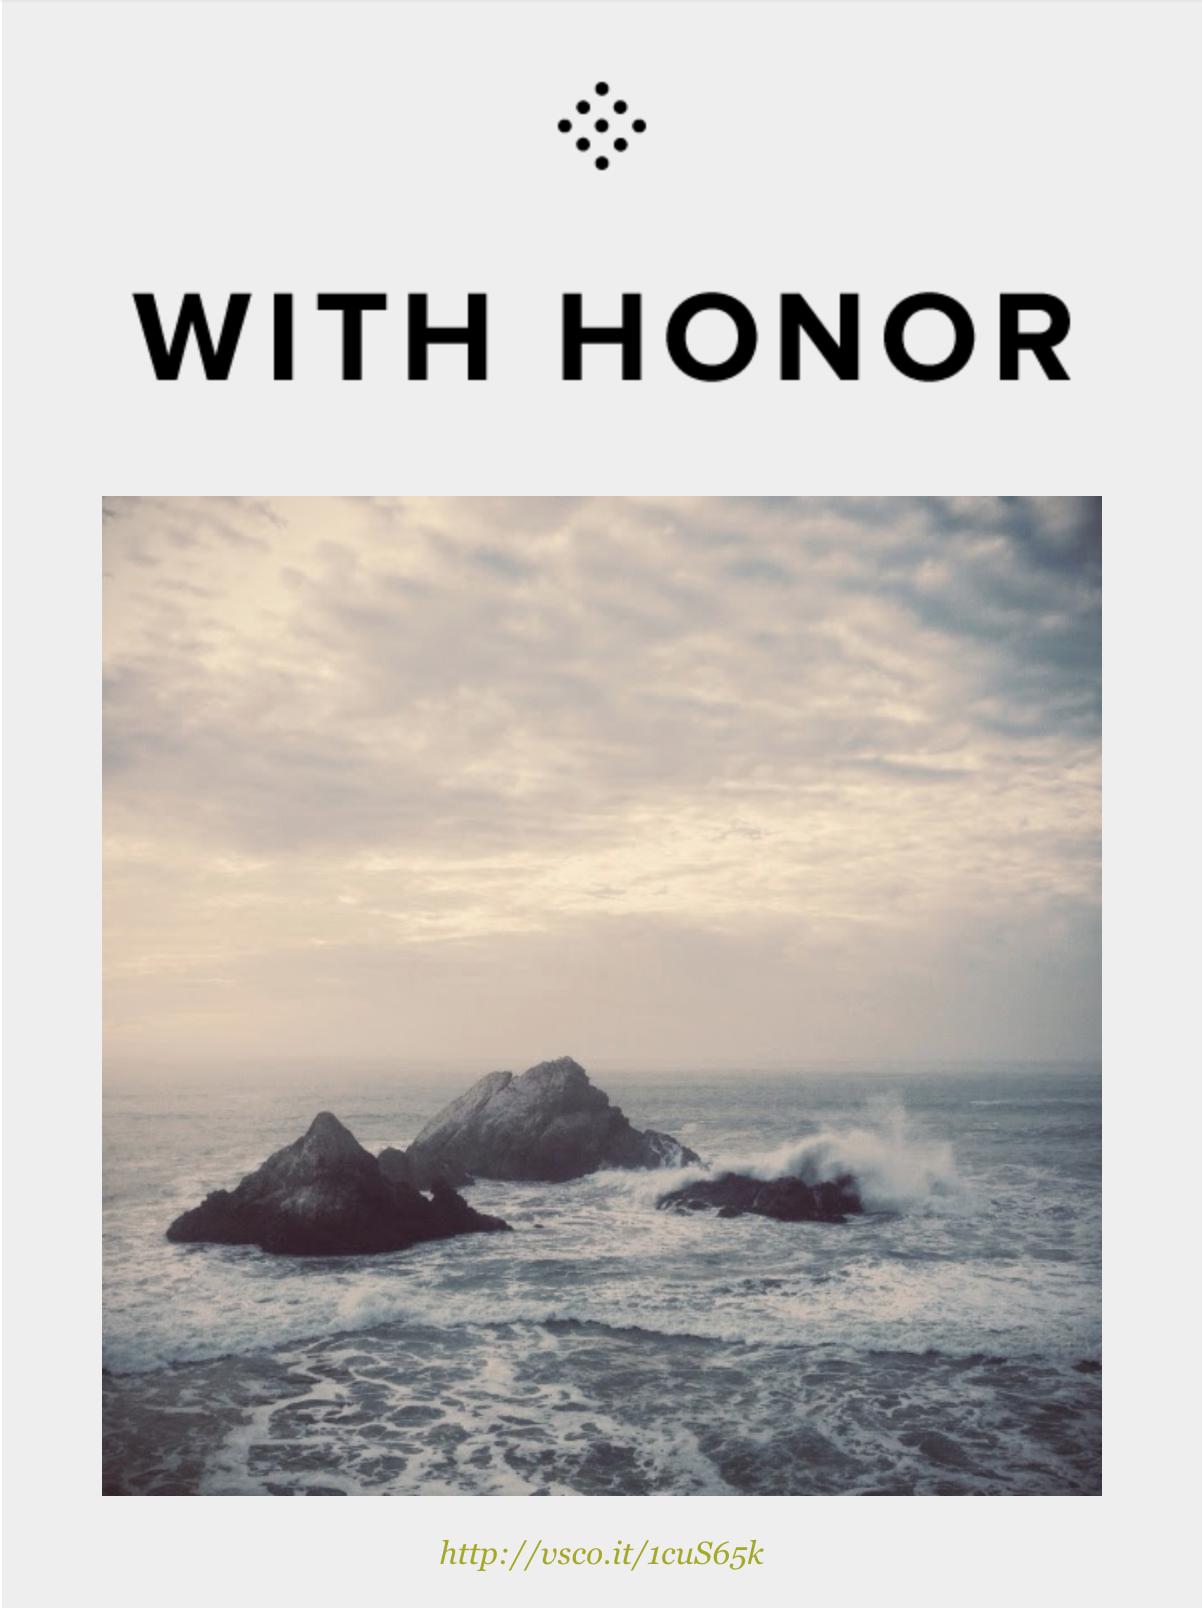 vsco_honor.png